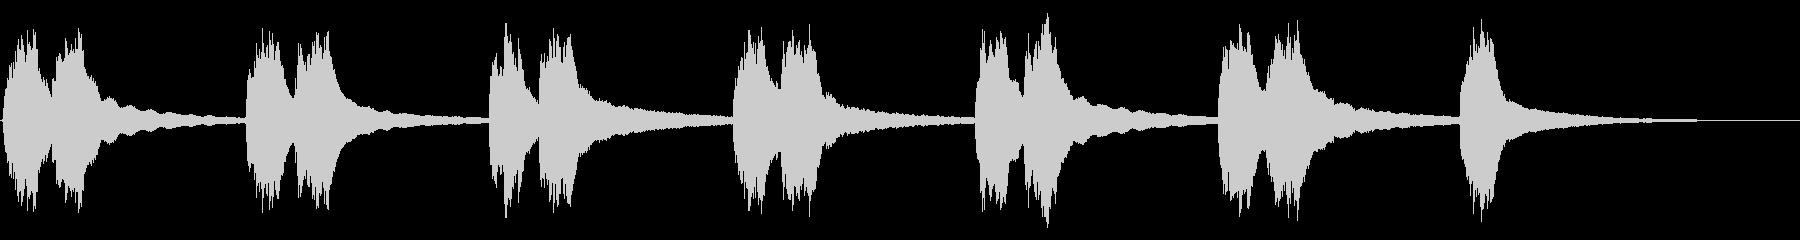 ヴィンテージ1960年代のロータリ...の未再生の波形